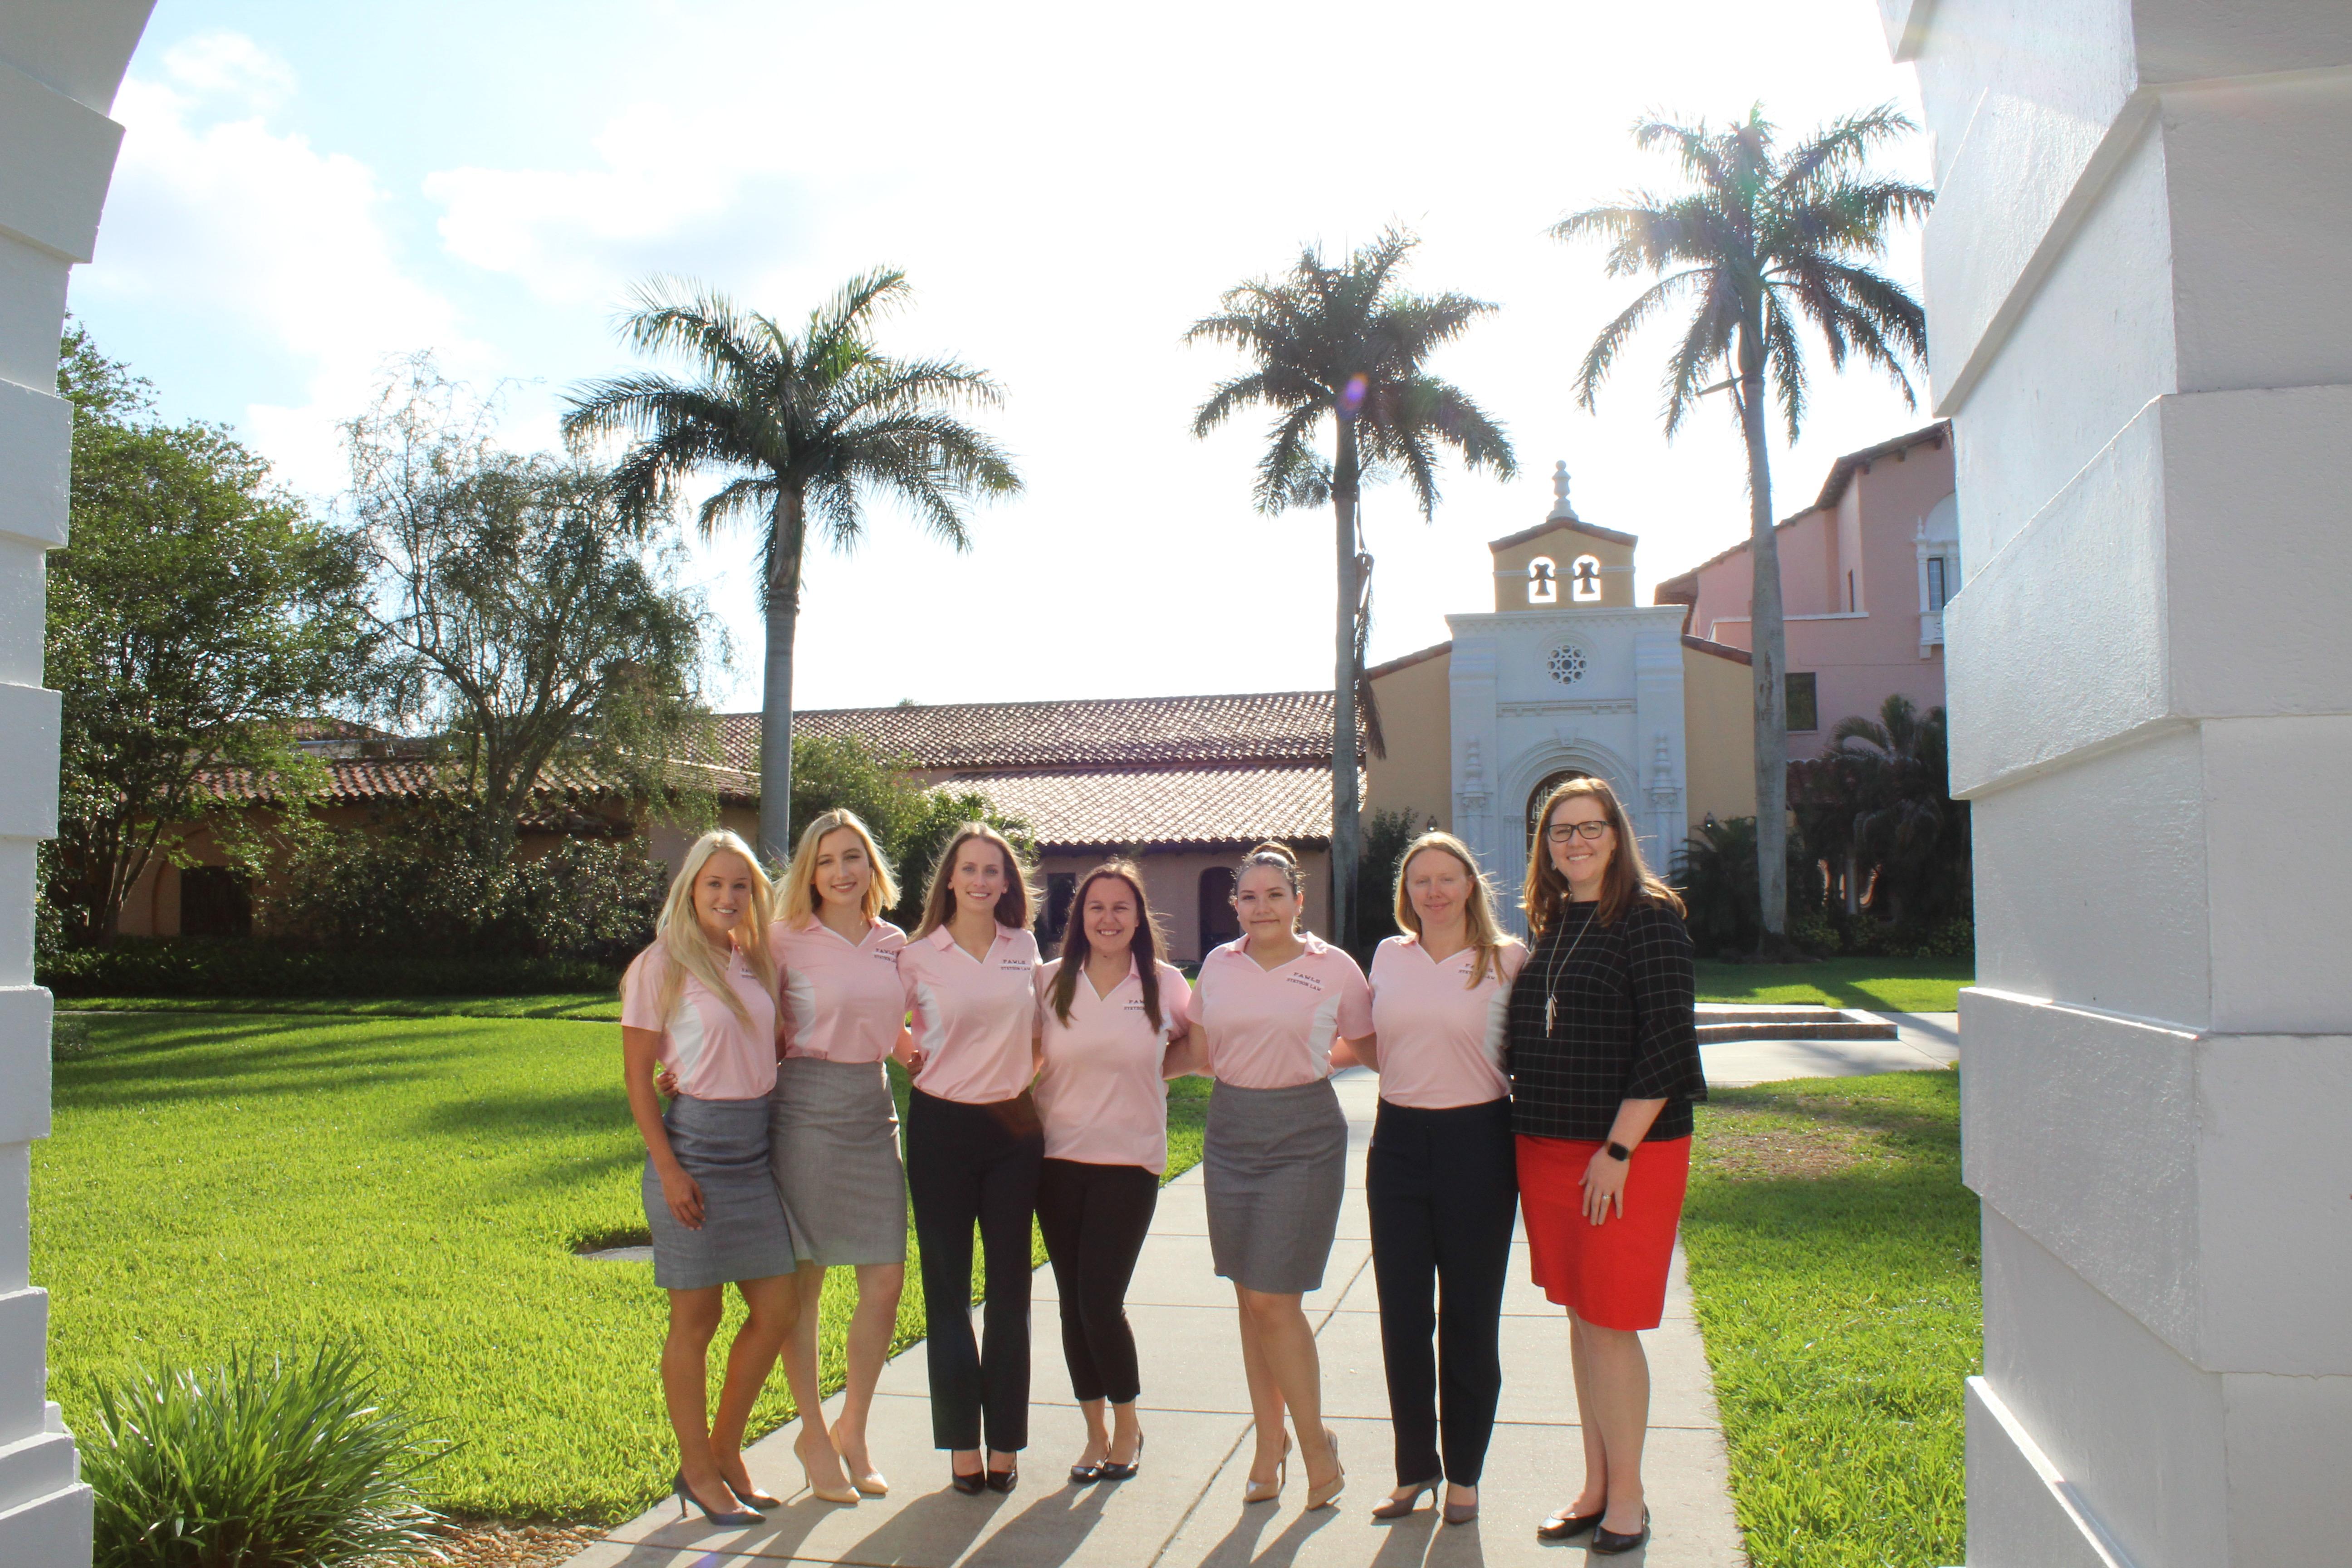 (L-R): Brittany Showalter, Kaitlyn Konecny '18, FAWLS President Kimberly Lopater, Casey Burns '18, Julia Alley '18, Michelle Moretz, FAWLS advisor Joann Grages Burnett.